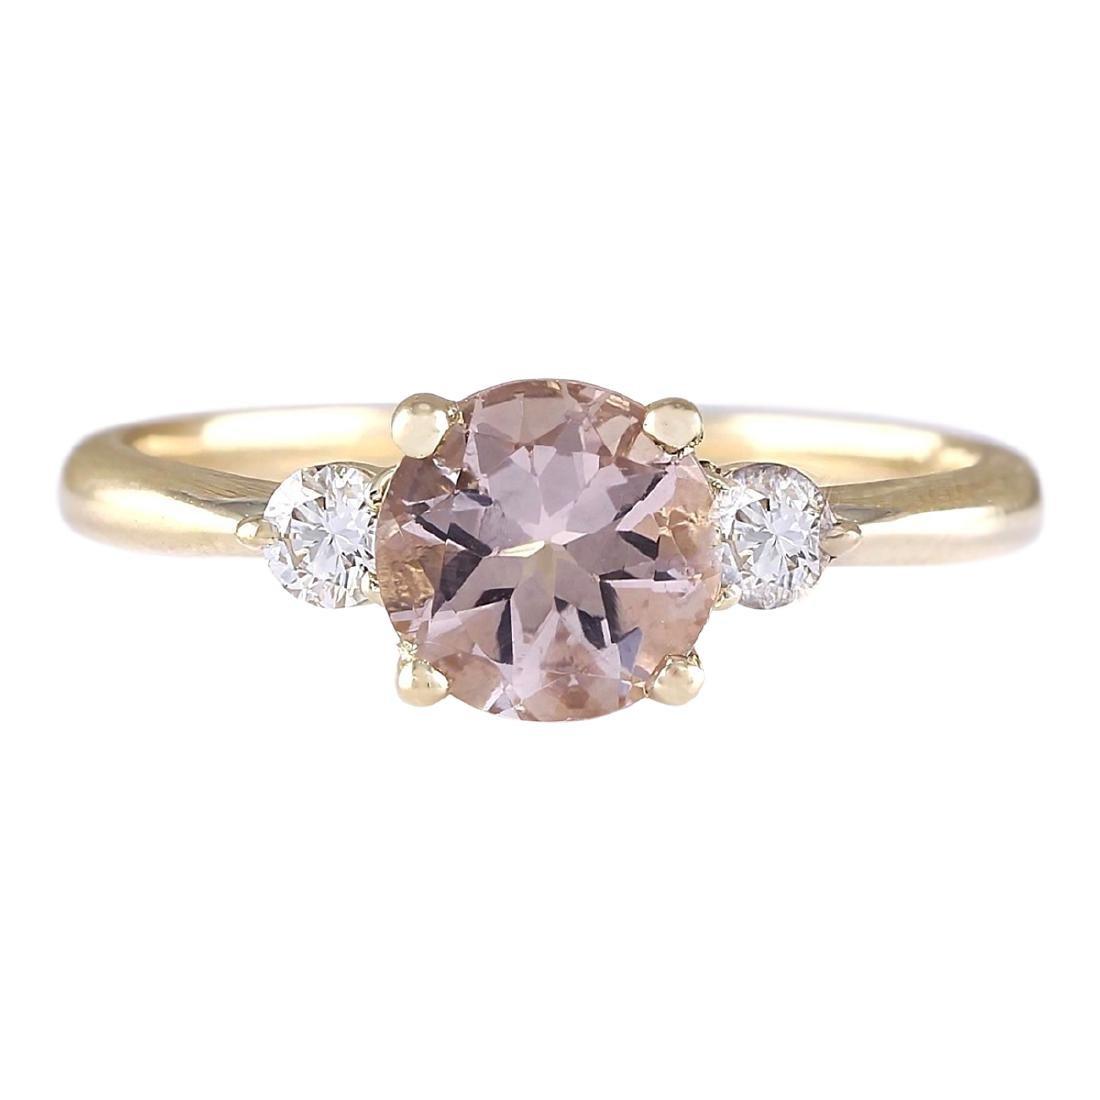 1.20 CTW Natural Morganite And Diamond Ring In 18K